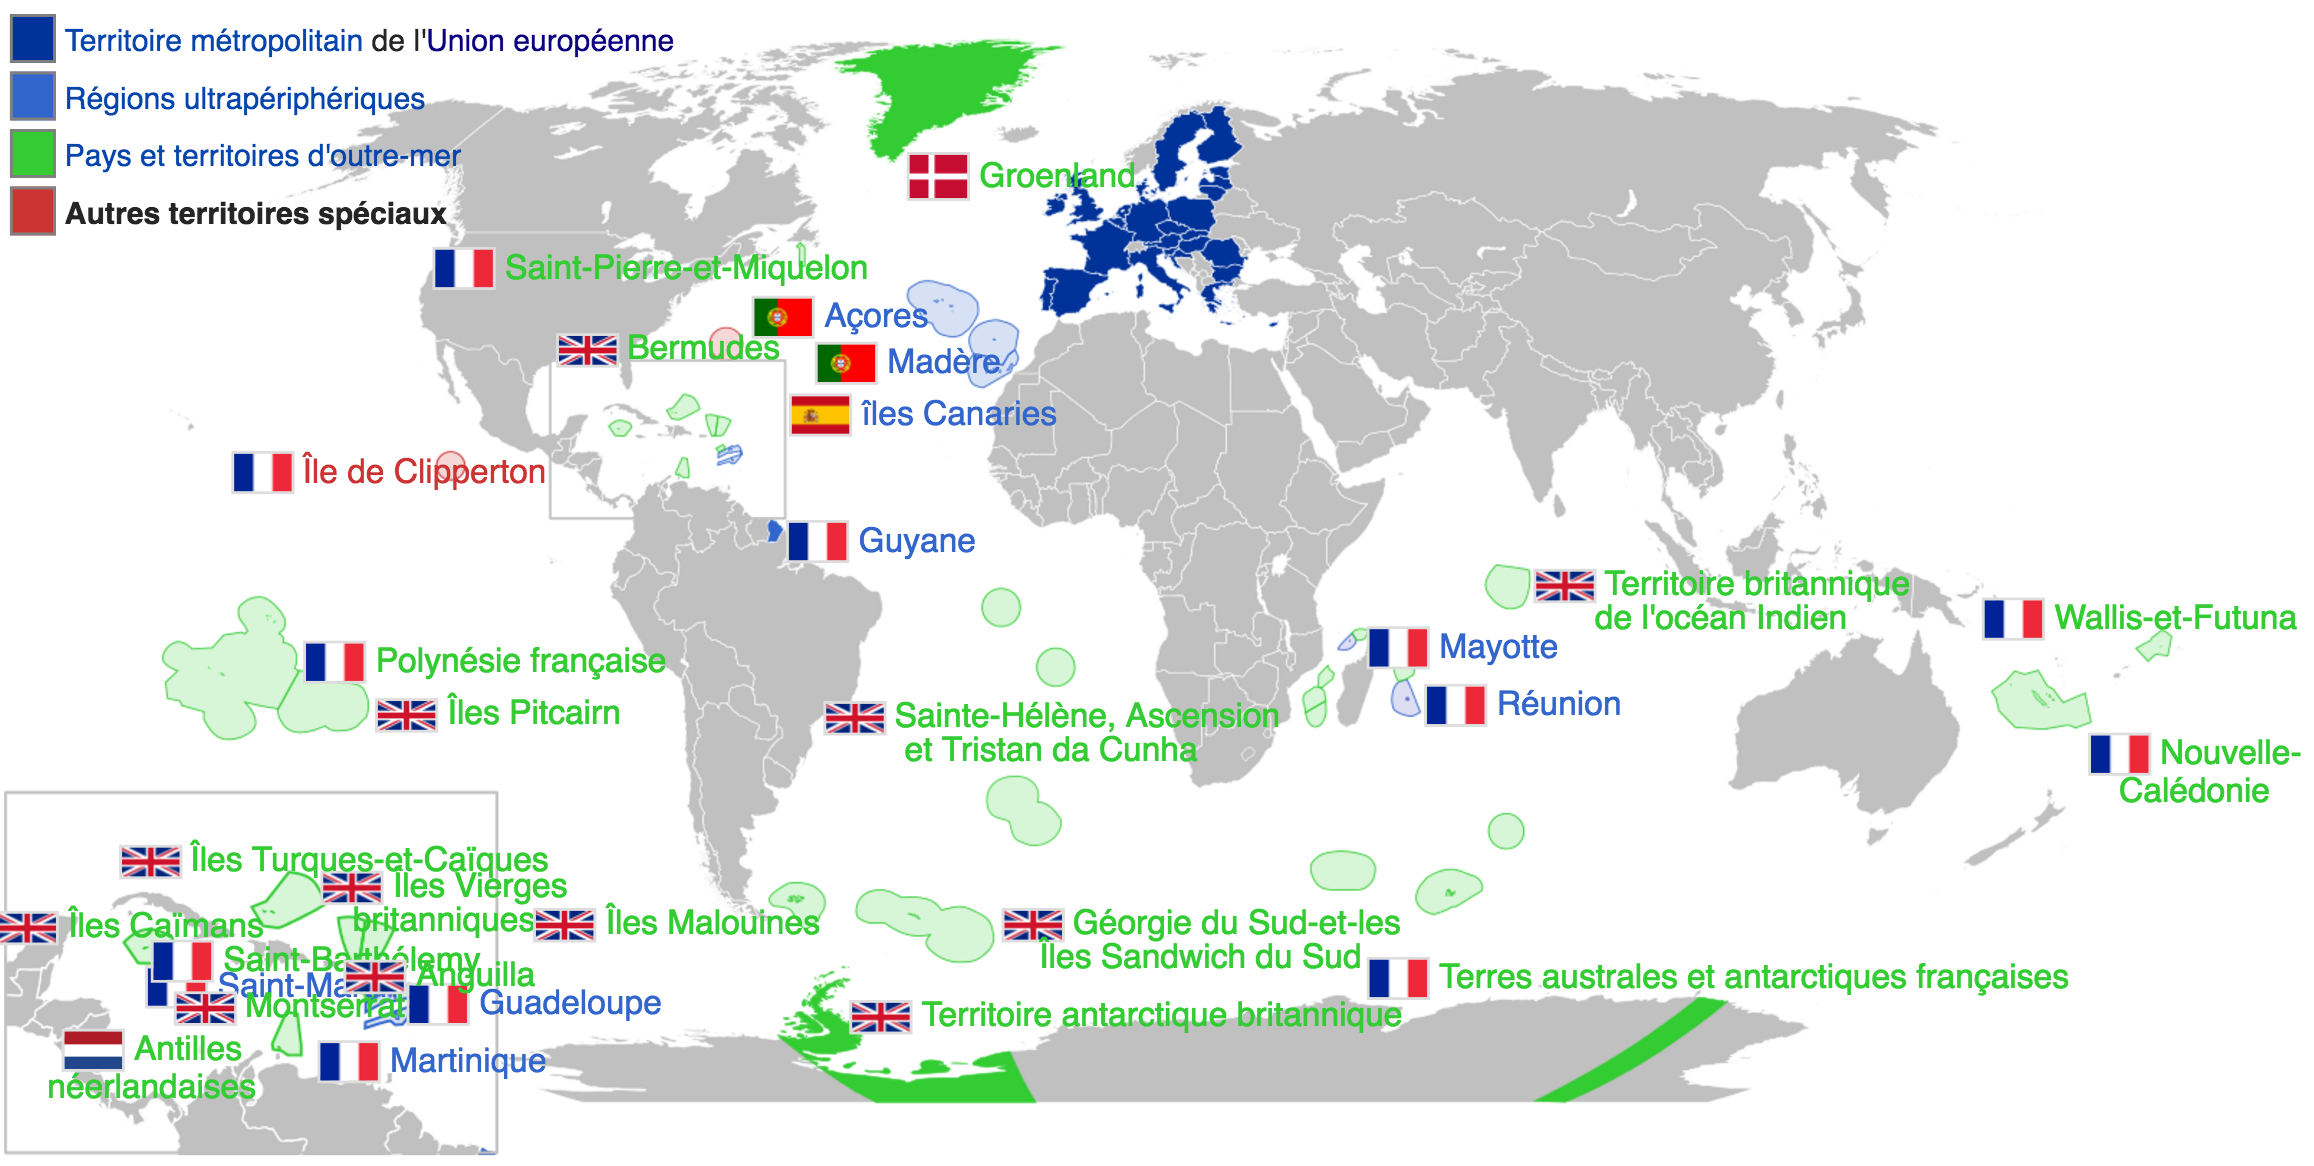 Union Européenne - Territoires Périphériques Associés avec Carte De L Union Europeenne